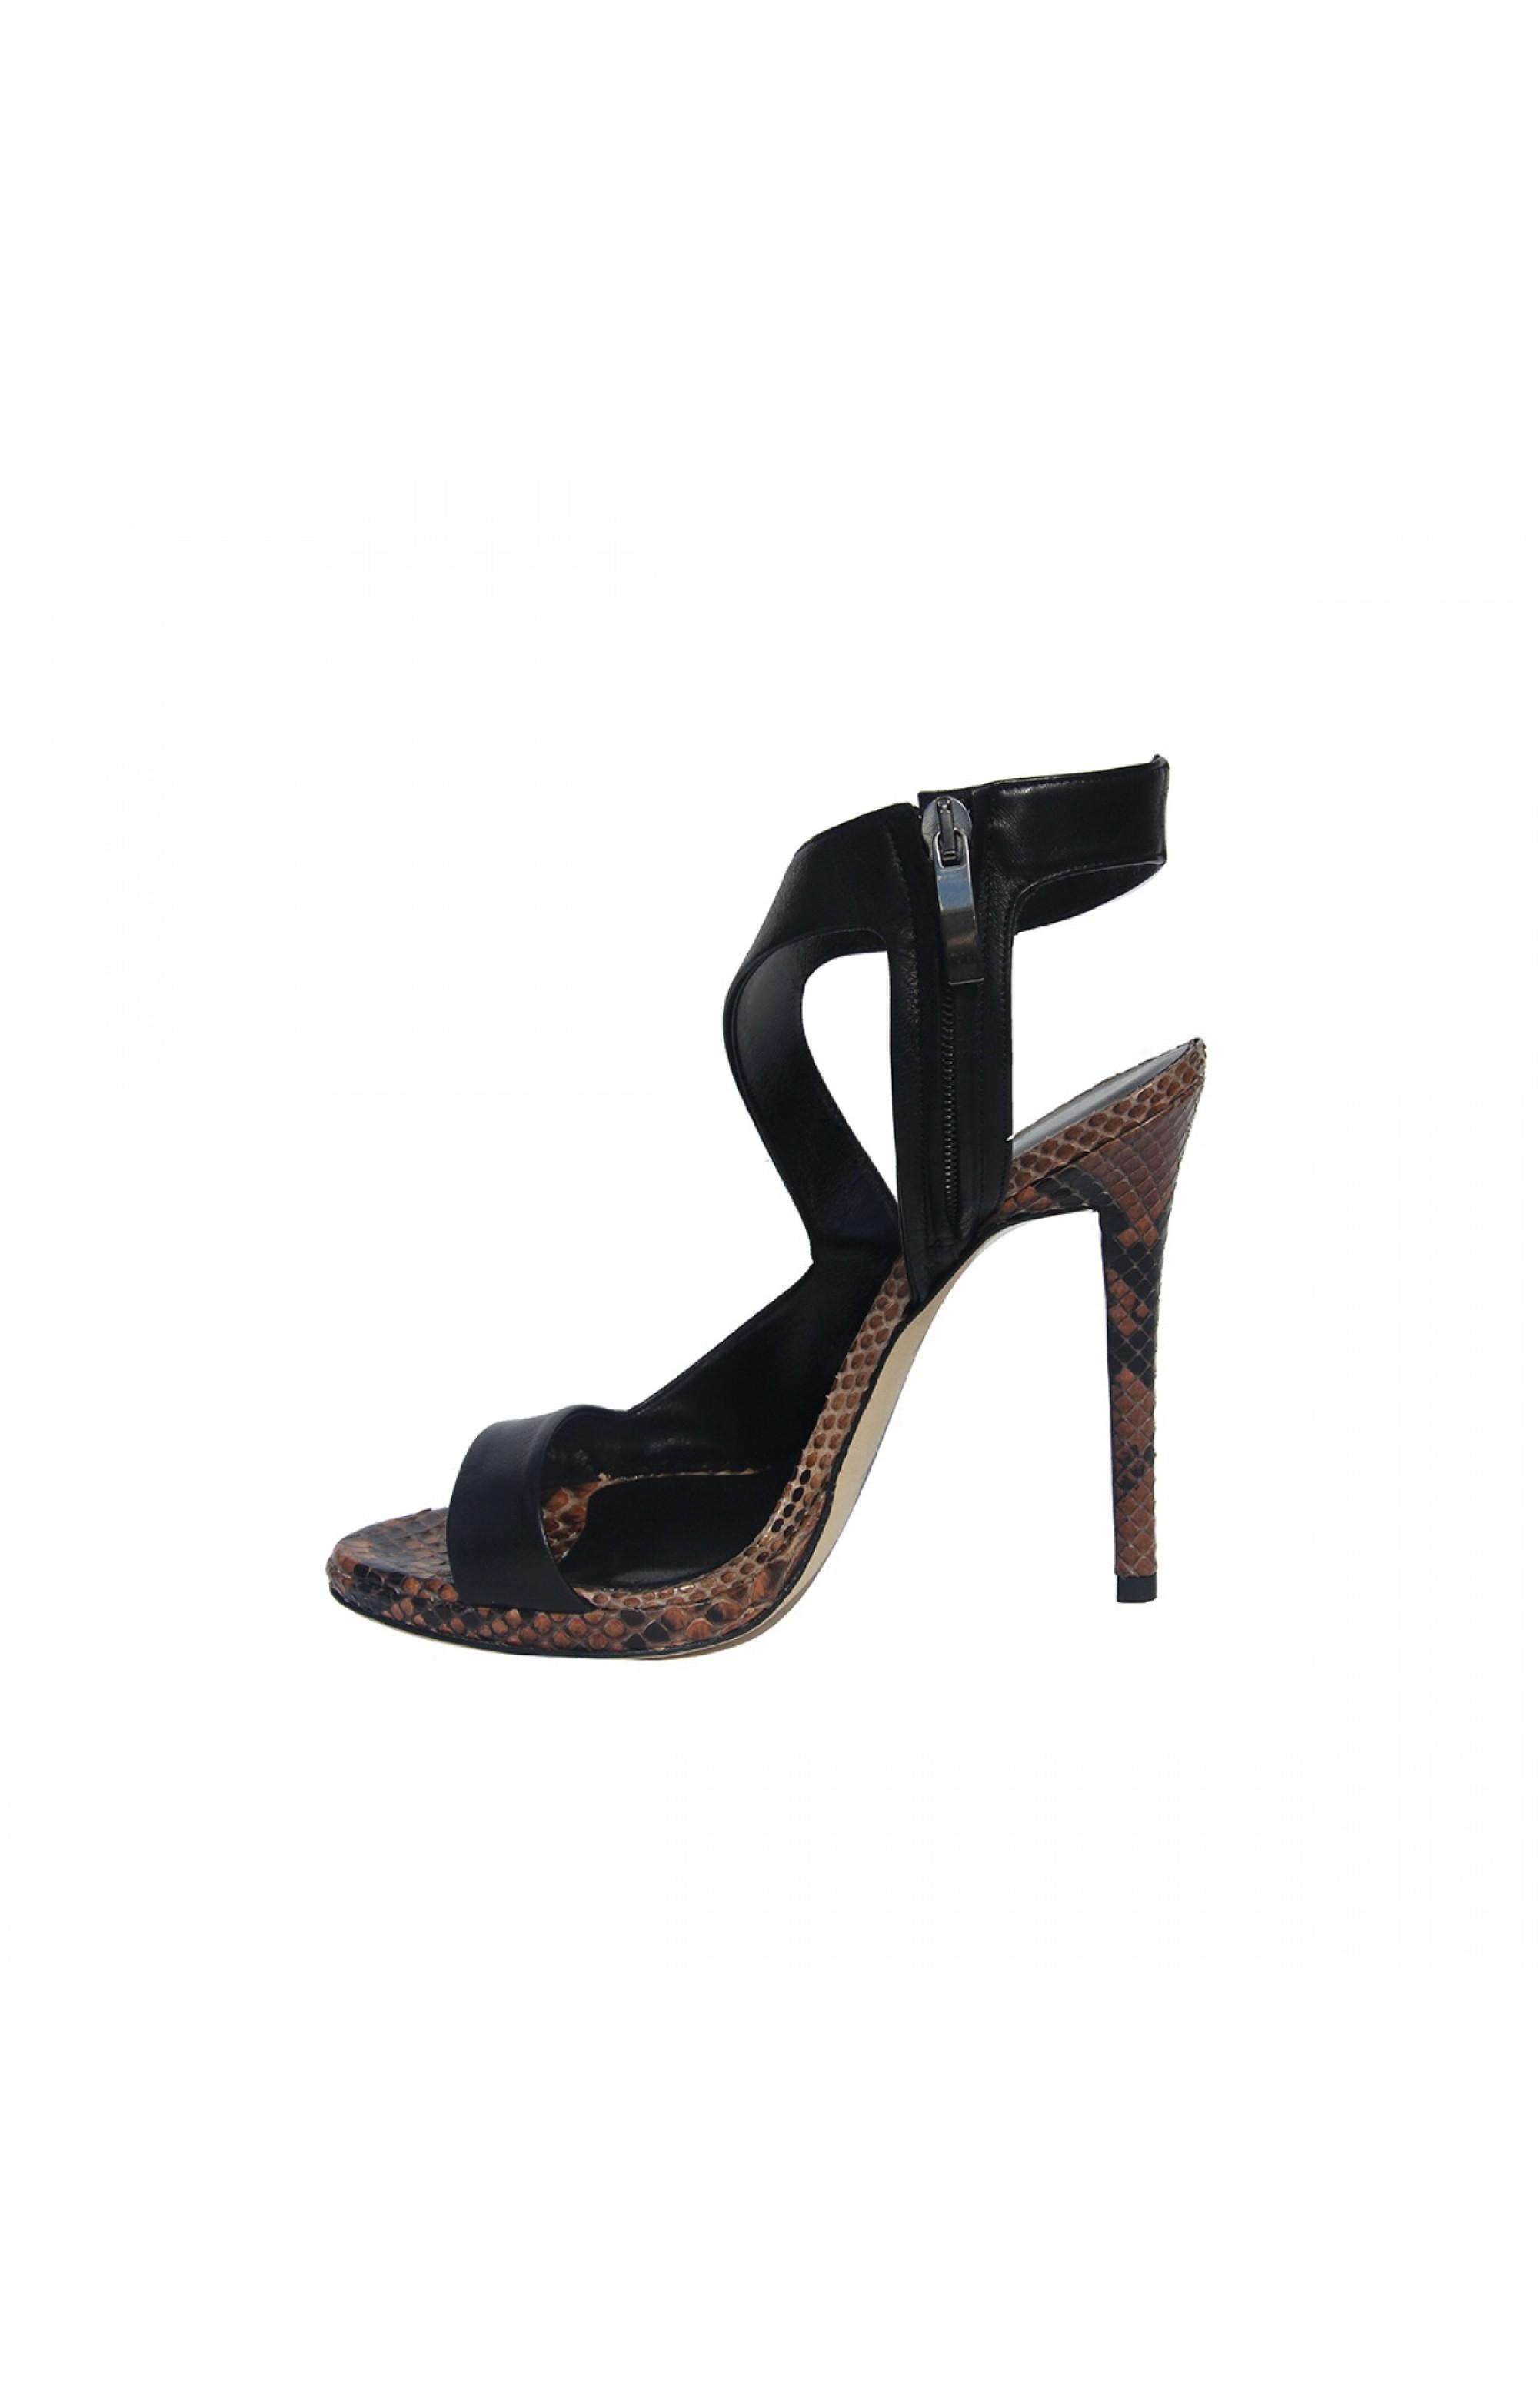 Merlyn Leder High Heels Schuhe NAPPA BLACK